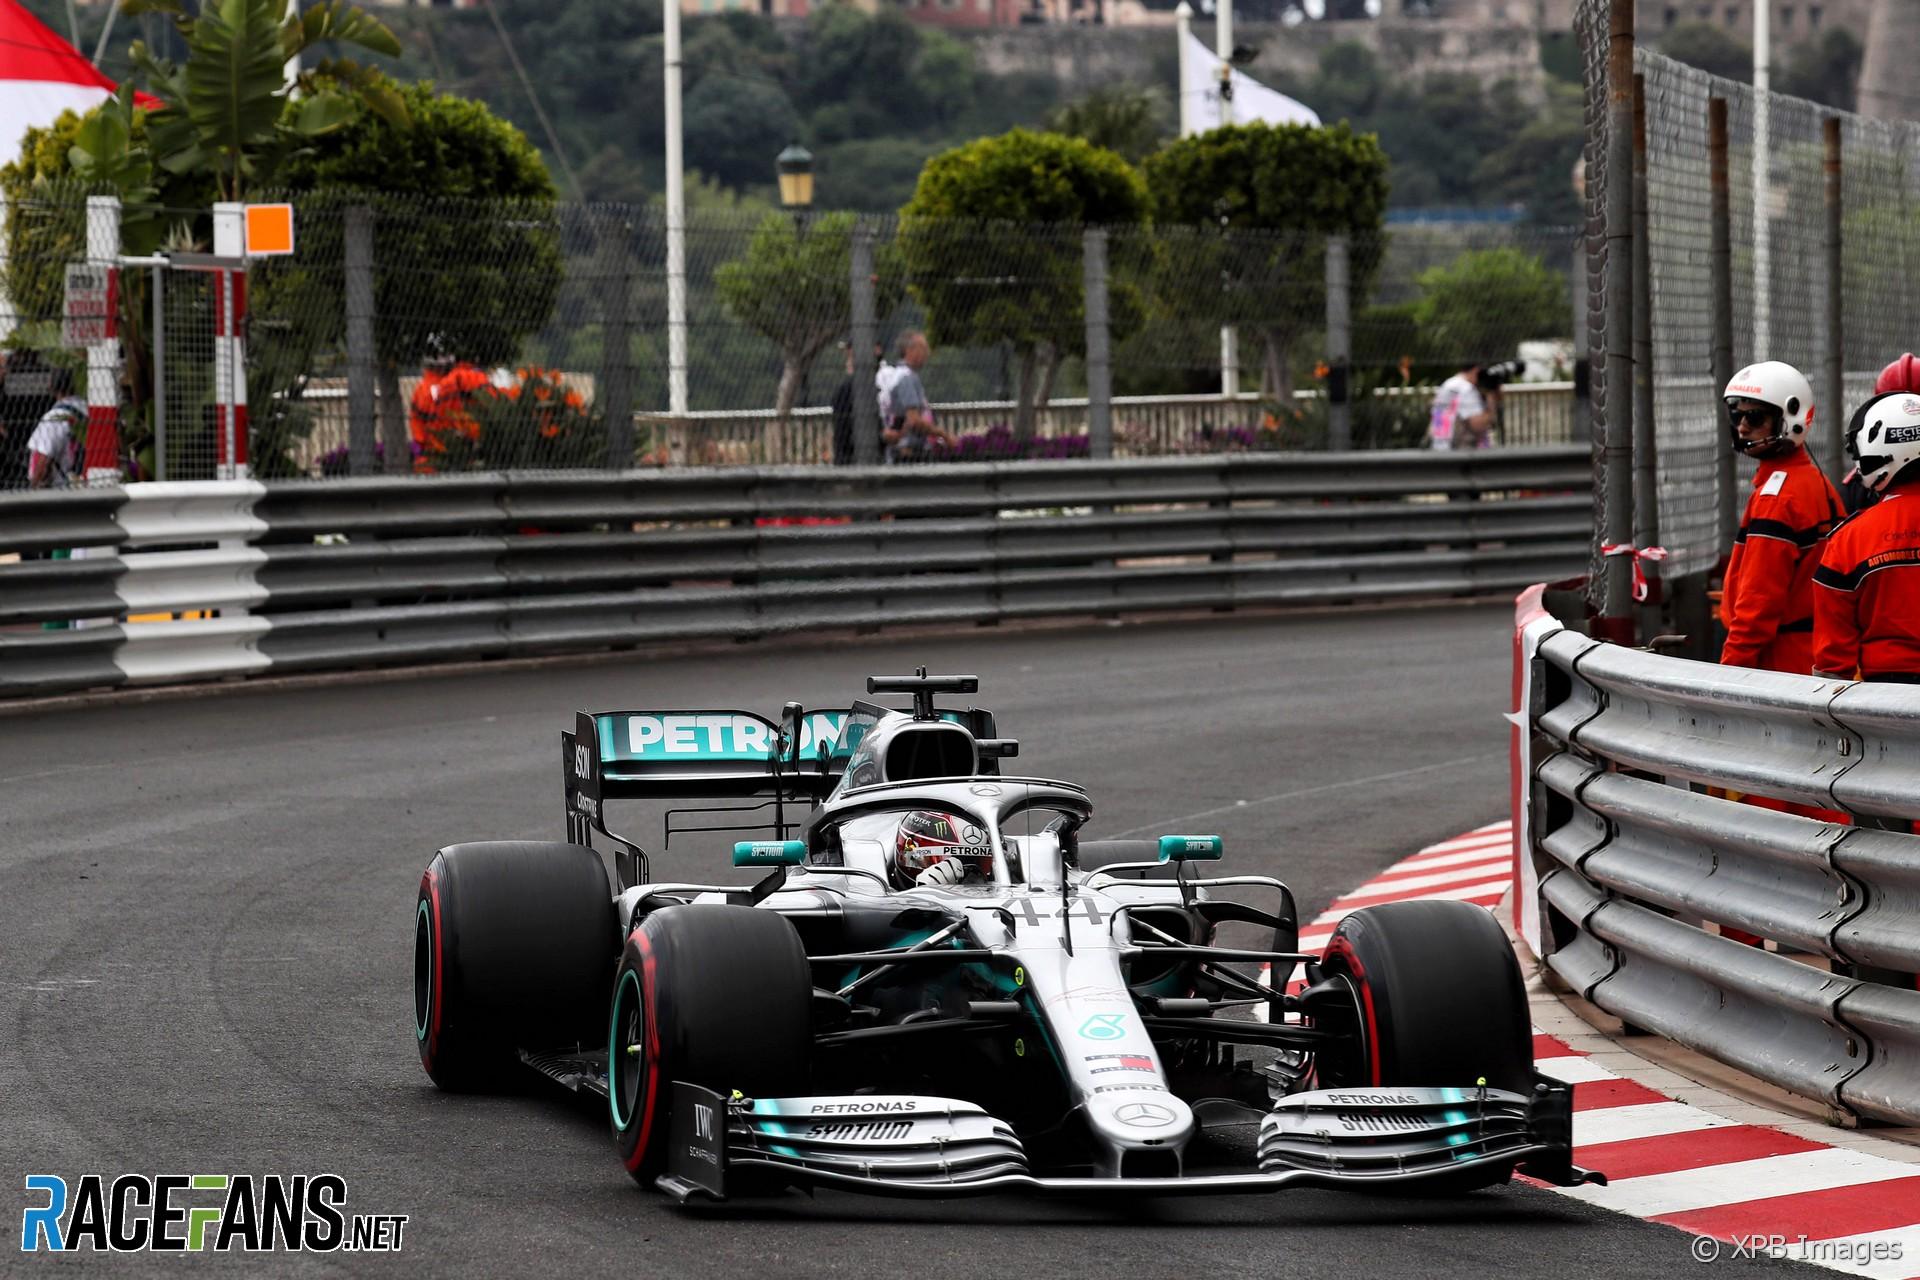 racefansdotnet-20190523-151312-11.jpg